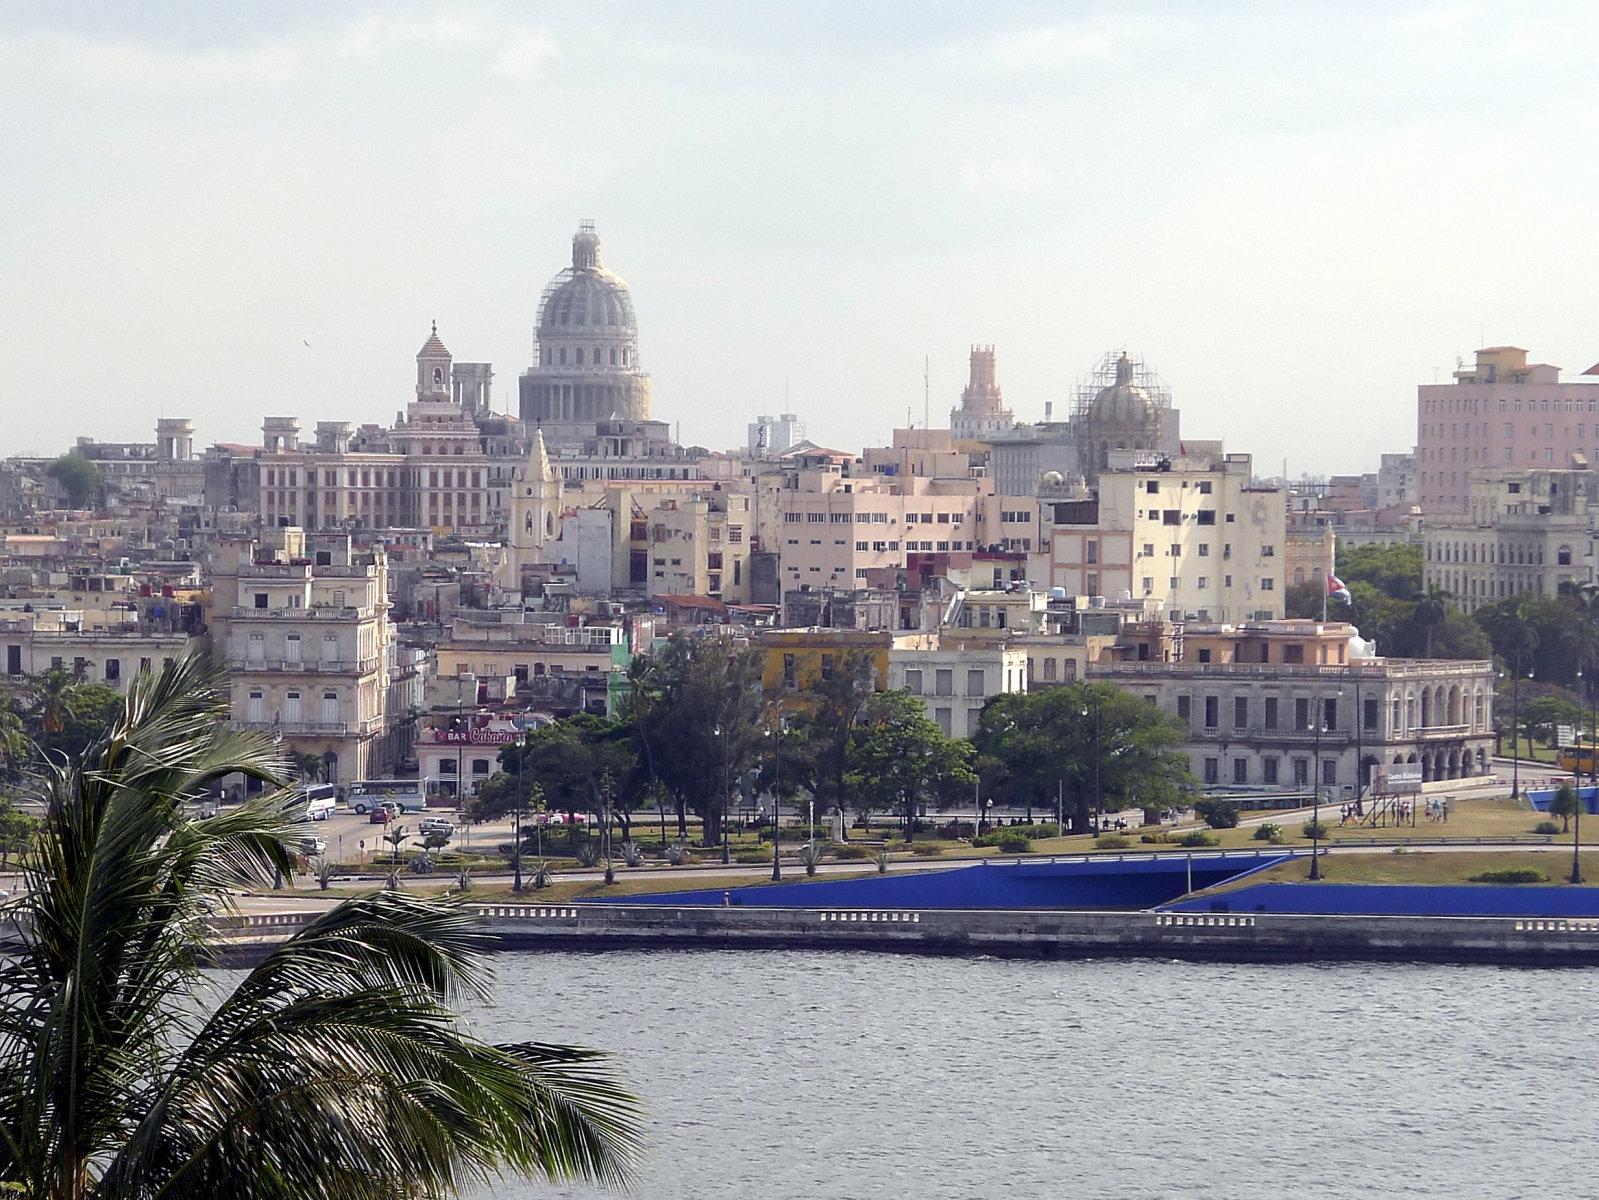 Skyline Havannas mit Kapitol und Bacardi-Gebäude